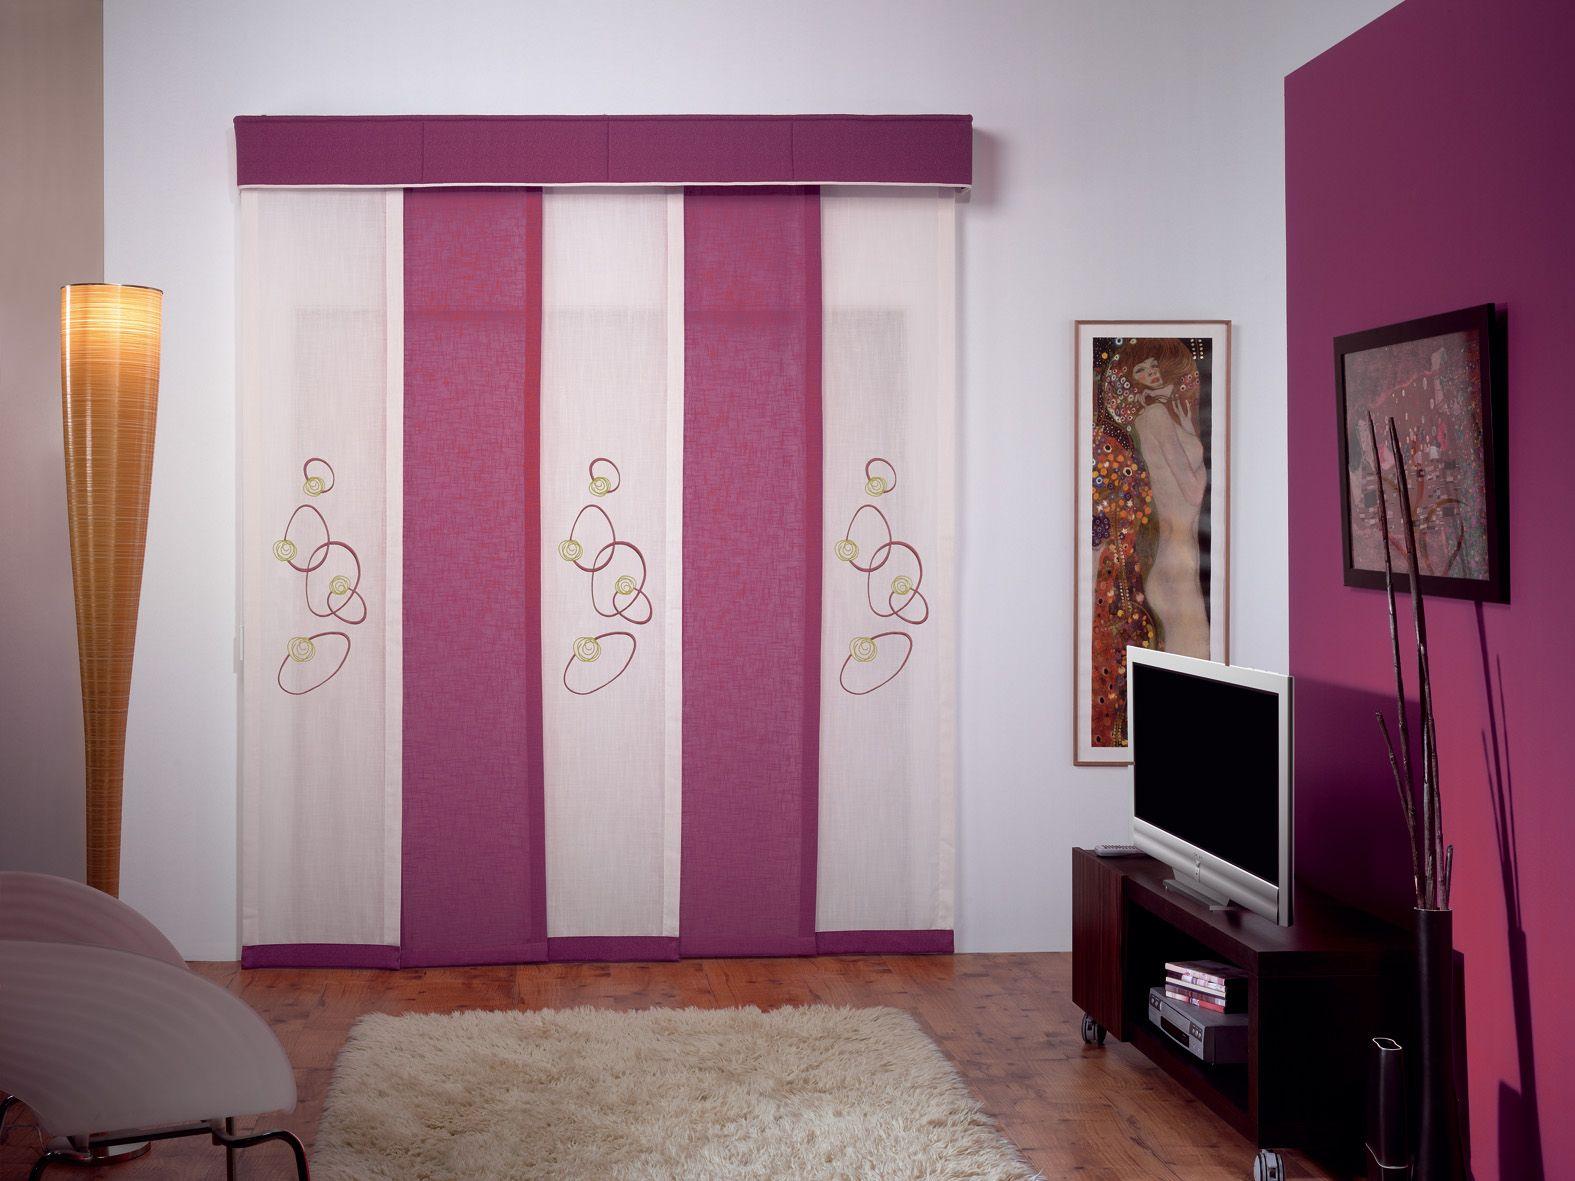 Decoracion con paneles free decoracion con paneles with - Decoracion con paneles ...